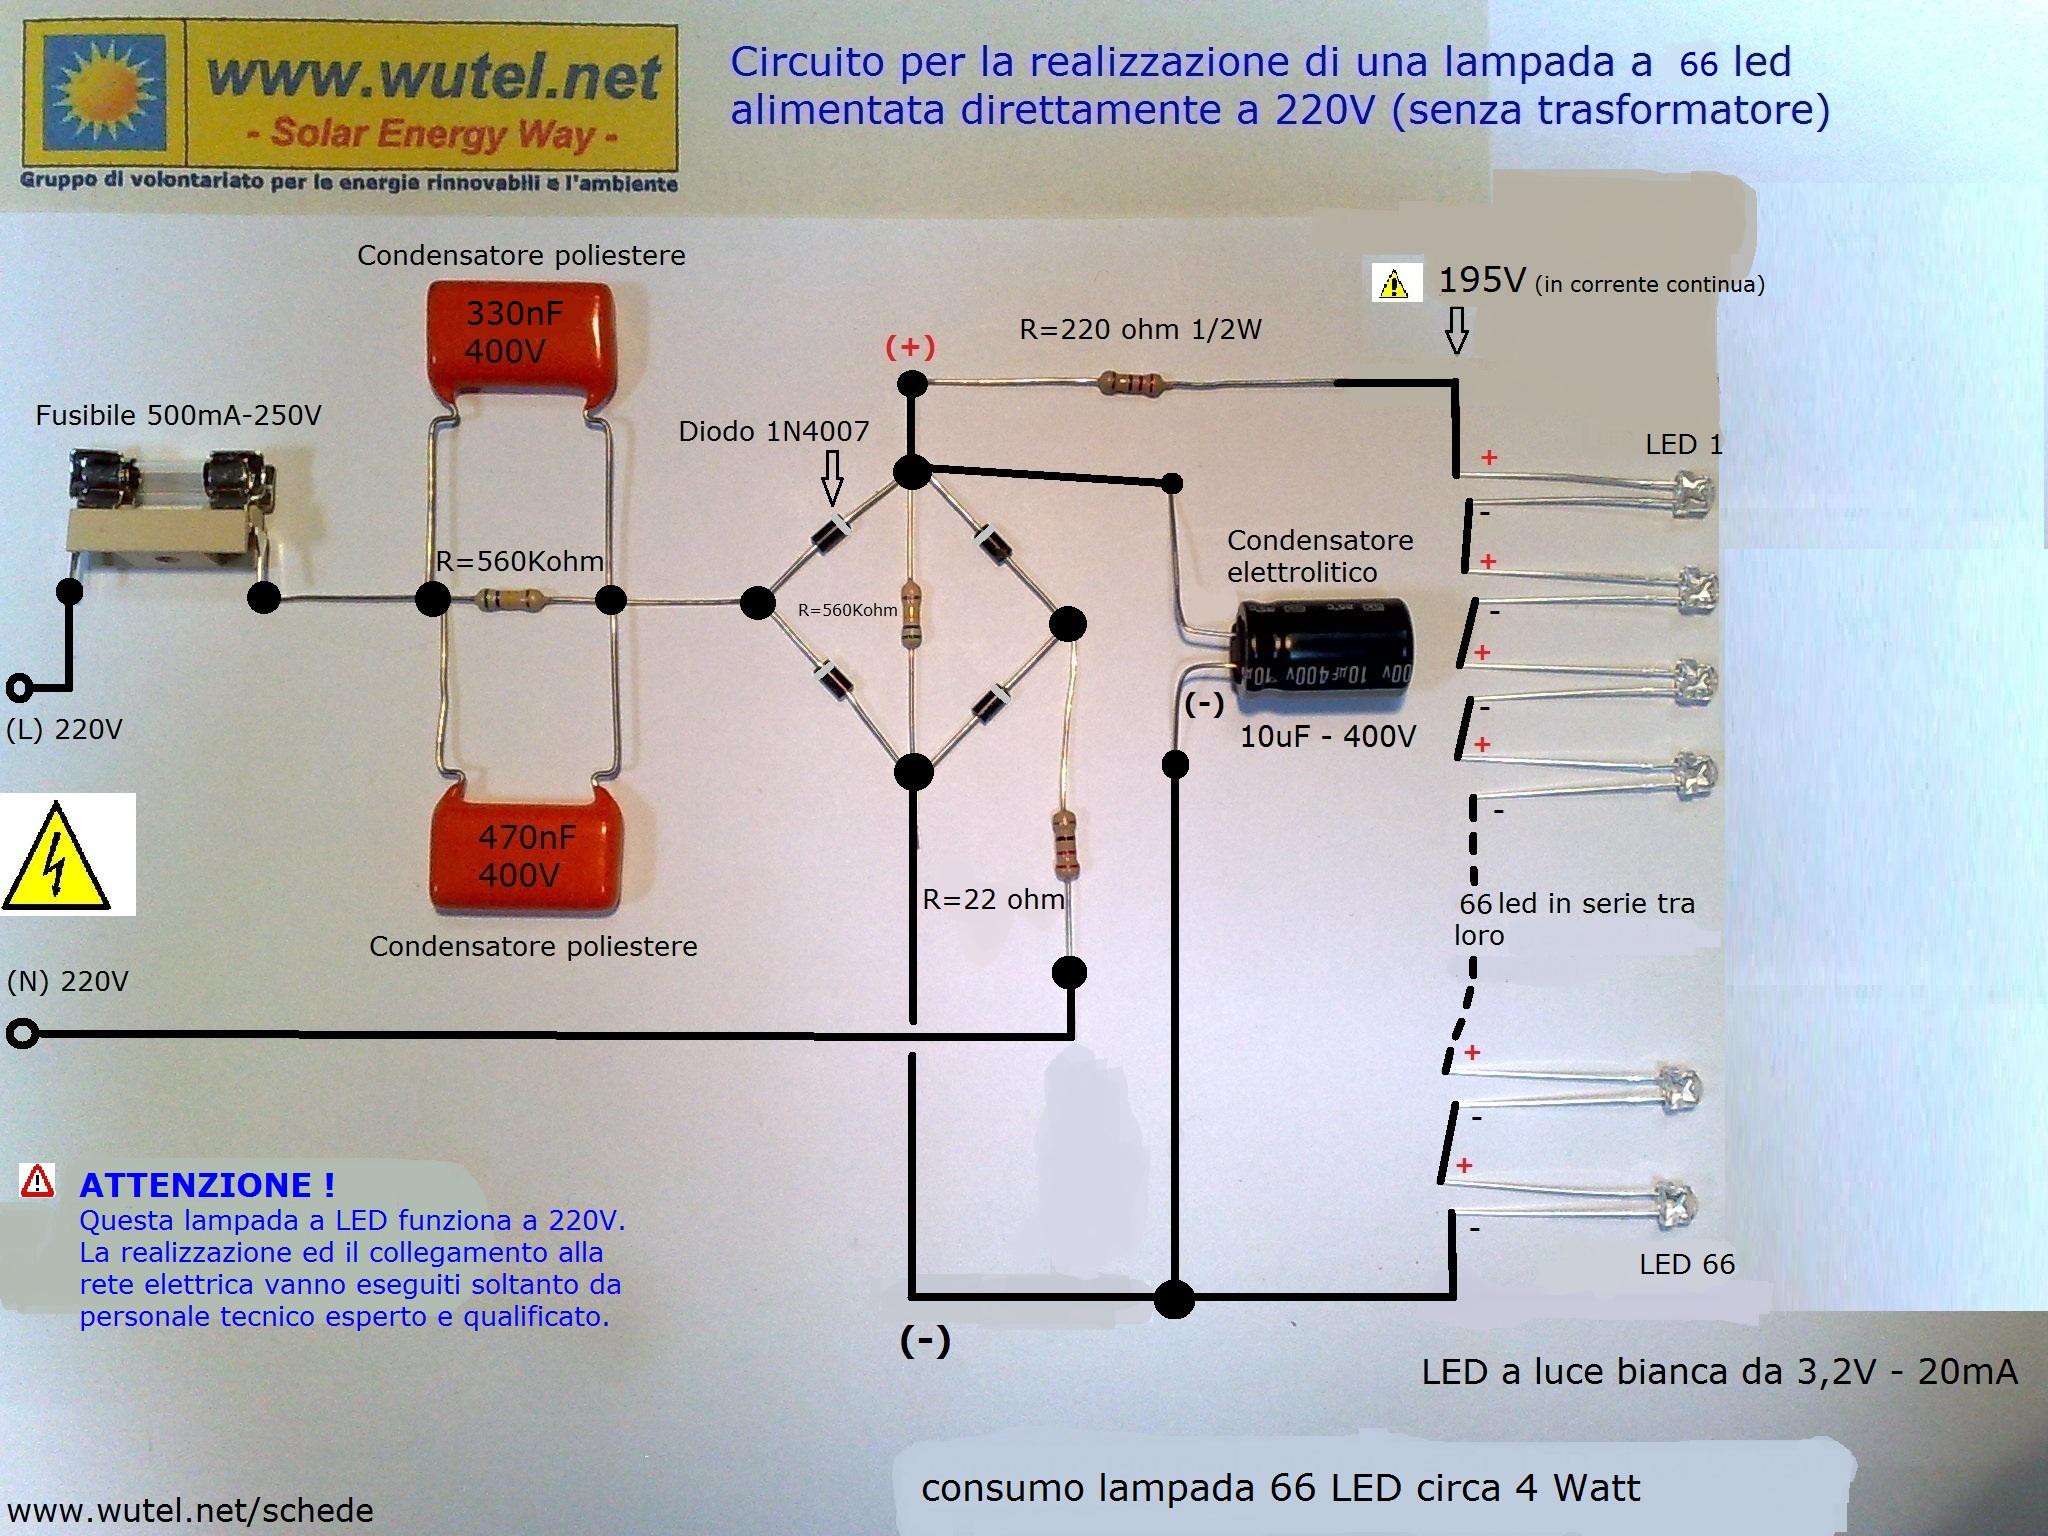 Schema Elettrico Dimmer Per Led 220v : Wutel schede tecniche